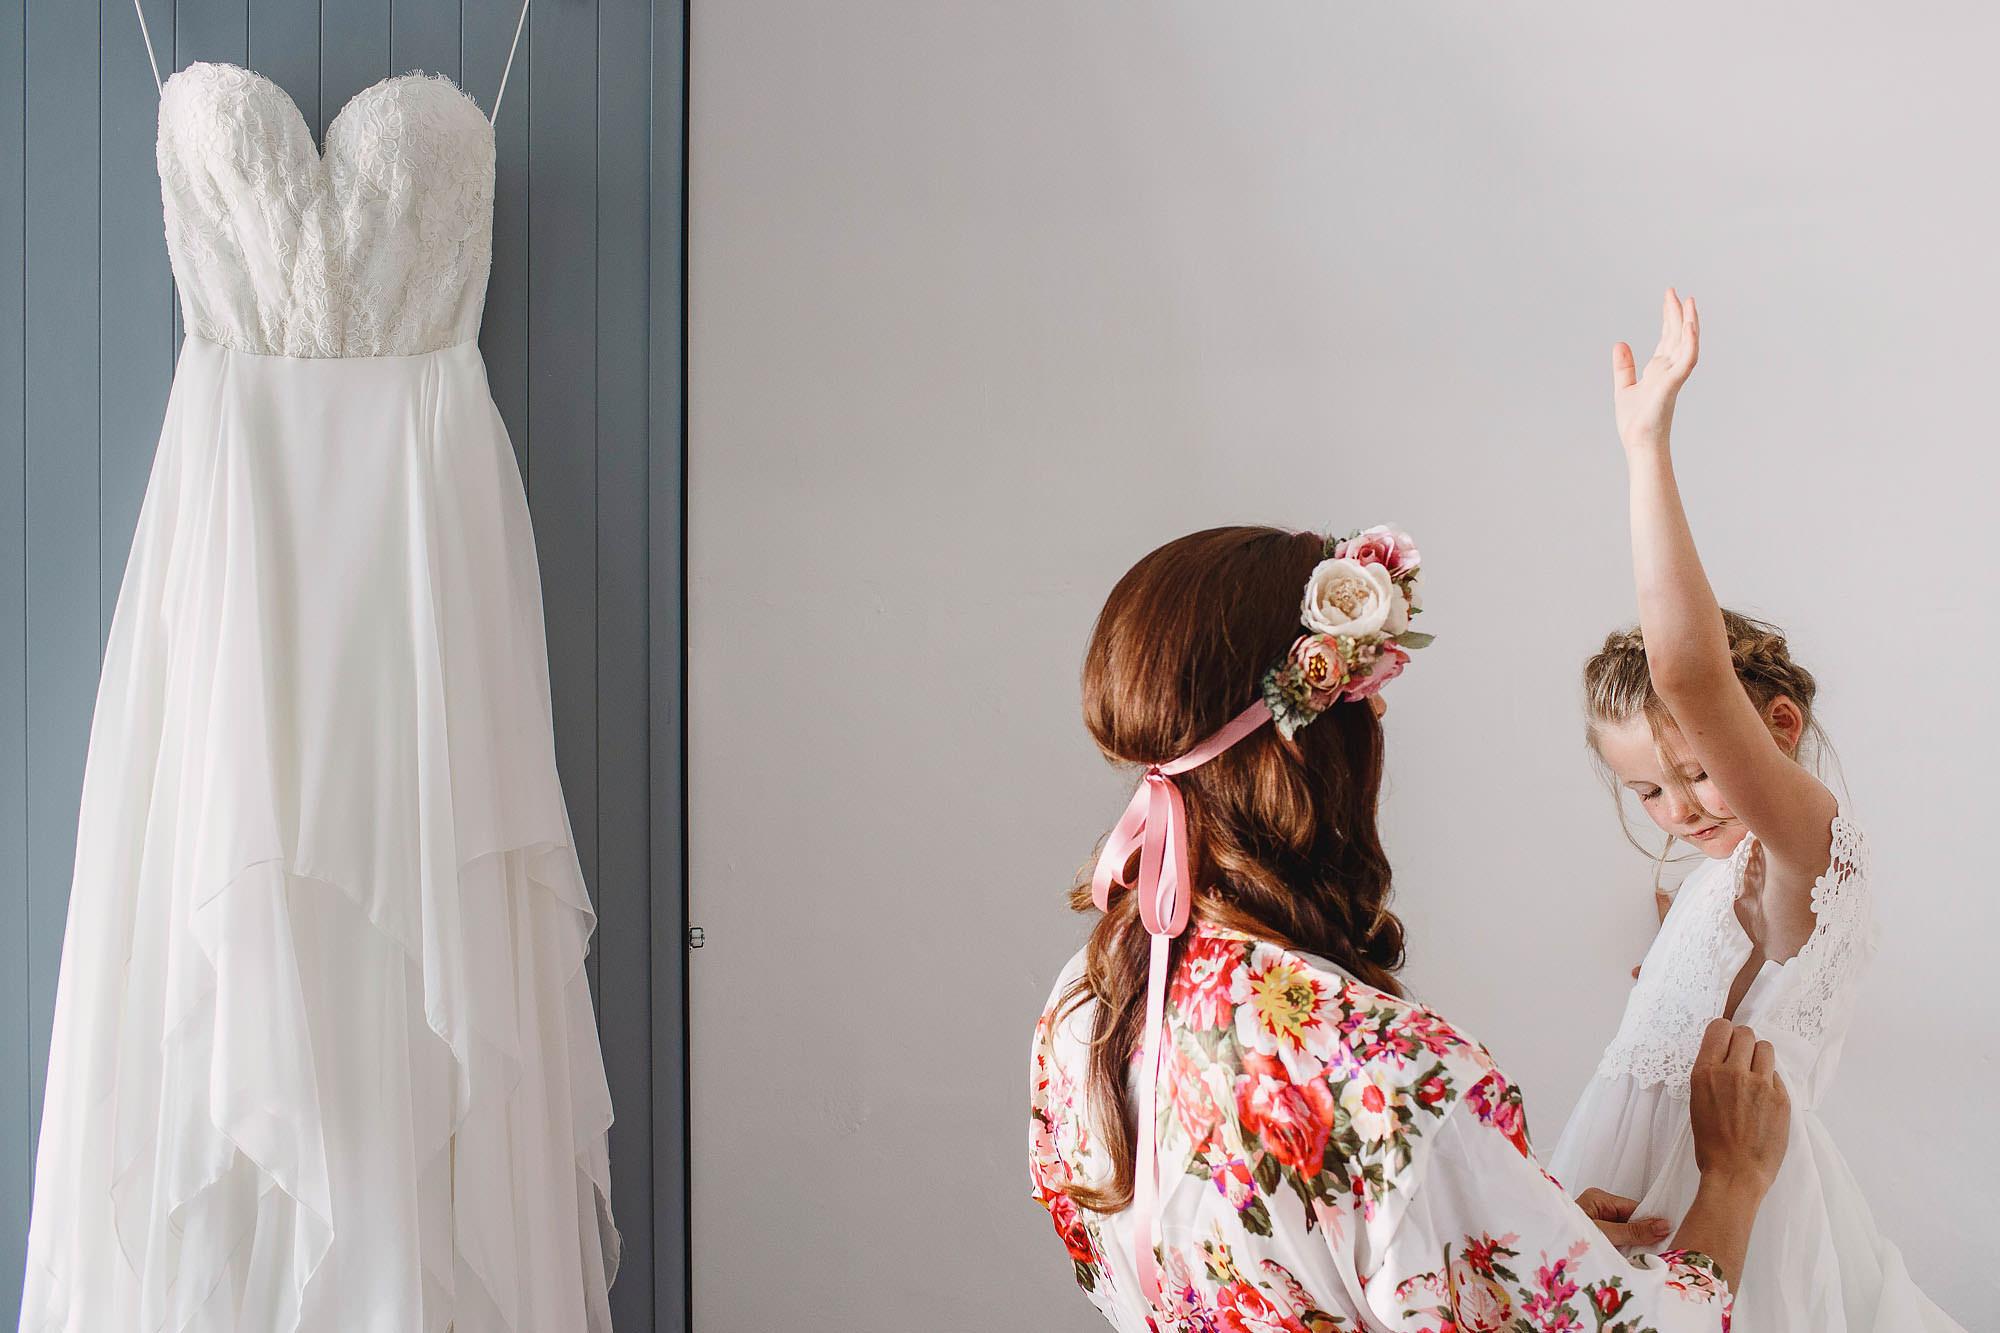 Award winning wedding photographers uk Lina and Tom UK & Destination wedding photography for